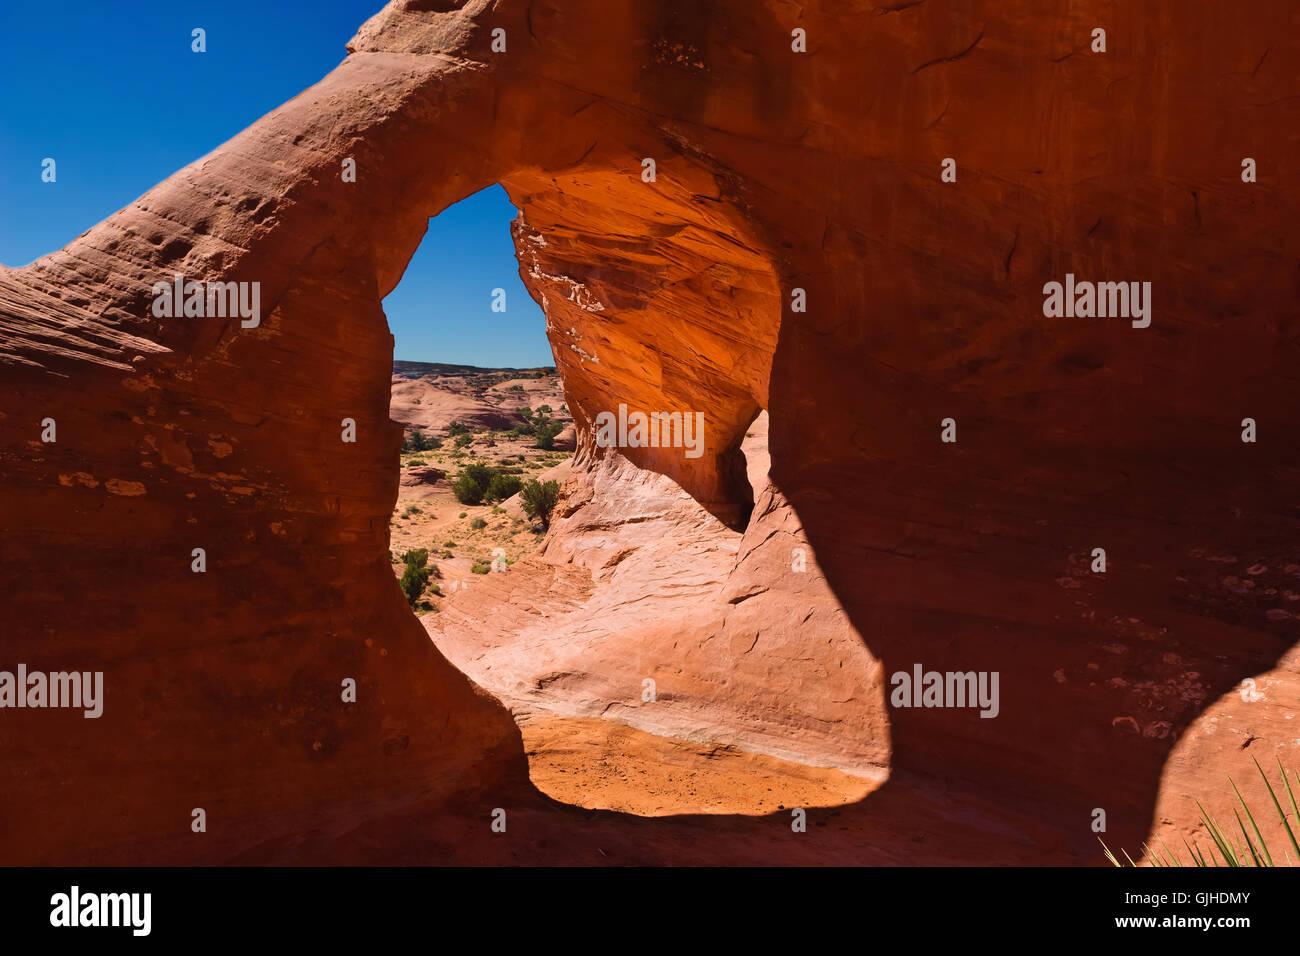 Maison Carrée arch rock formation, vallée de mystère, Arizona, États-Unis d'Amérique Photo Stock